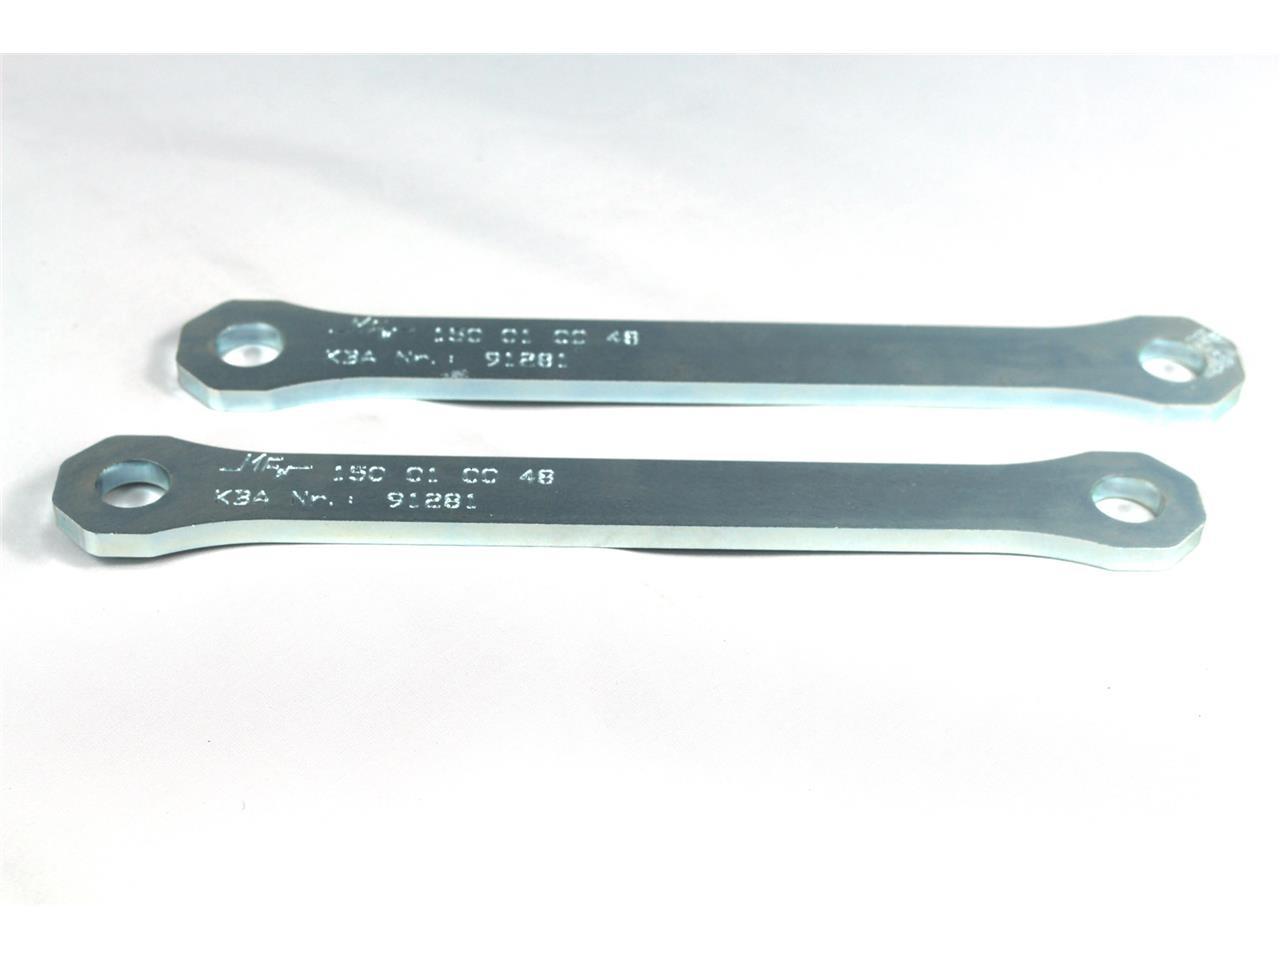 Kit rabaissement de selle -30 mm Tecnium pour Suzuki GSX-F 600 98-07